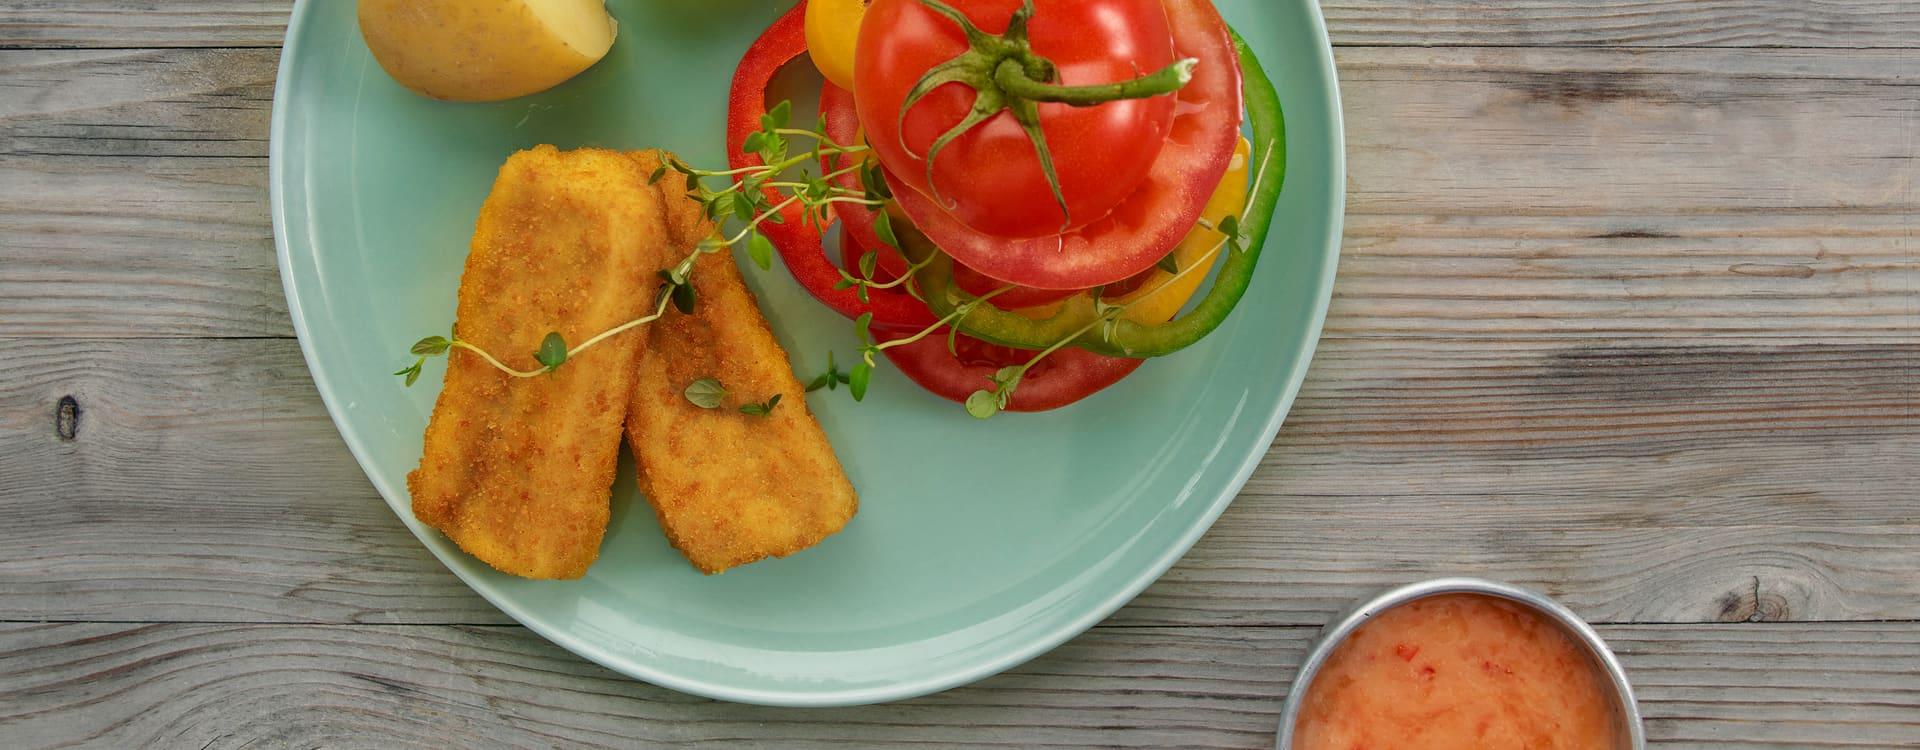 Pankopanerte fiskepinner med sweet chili